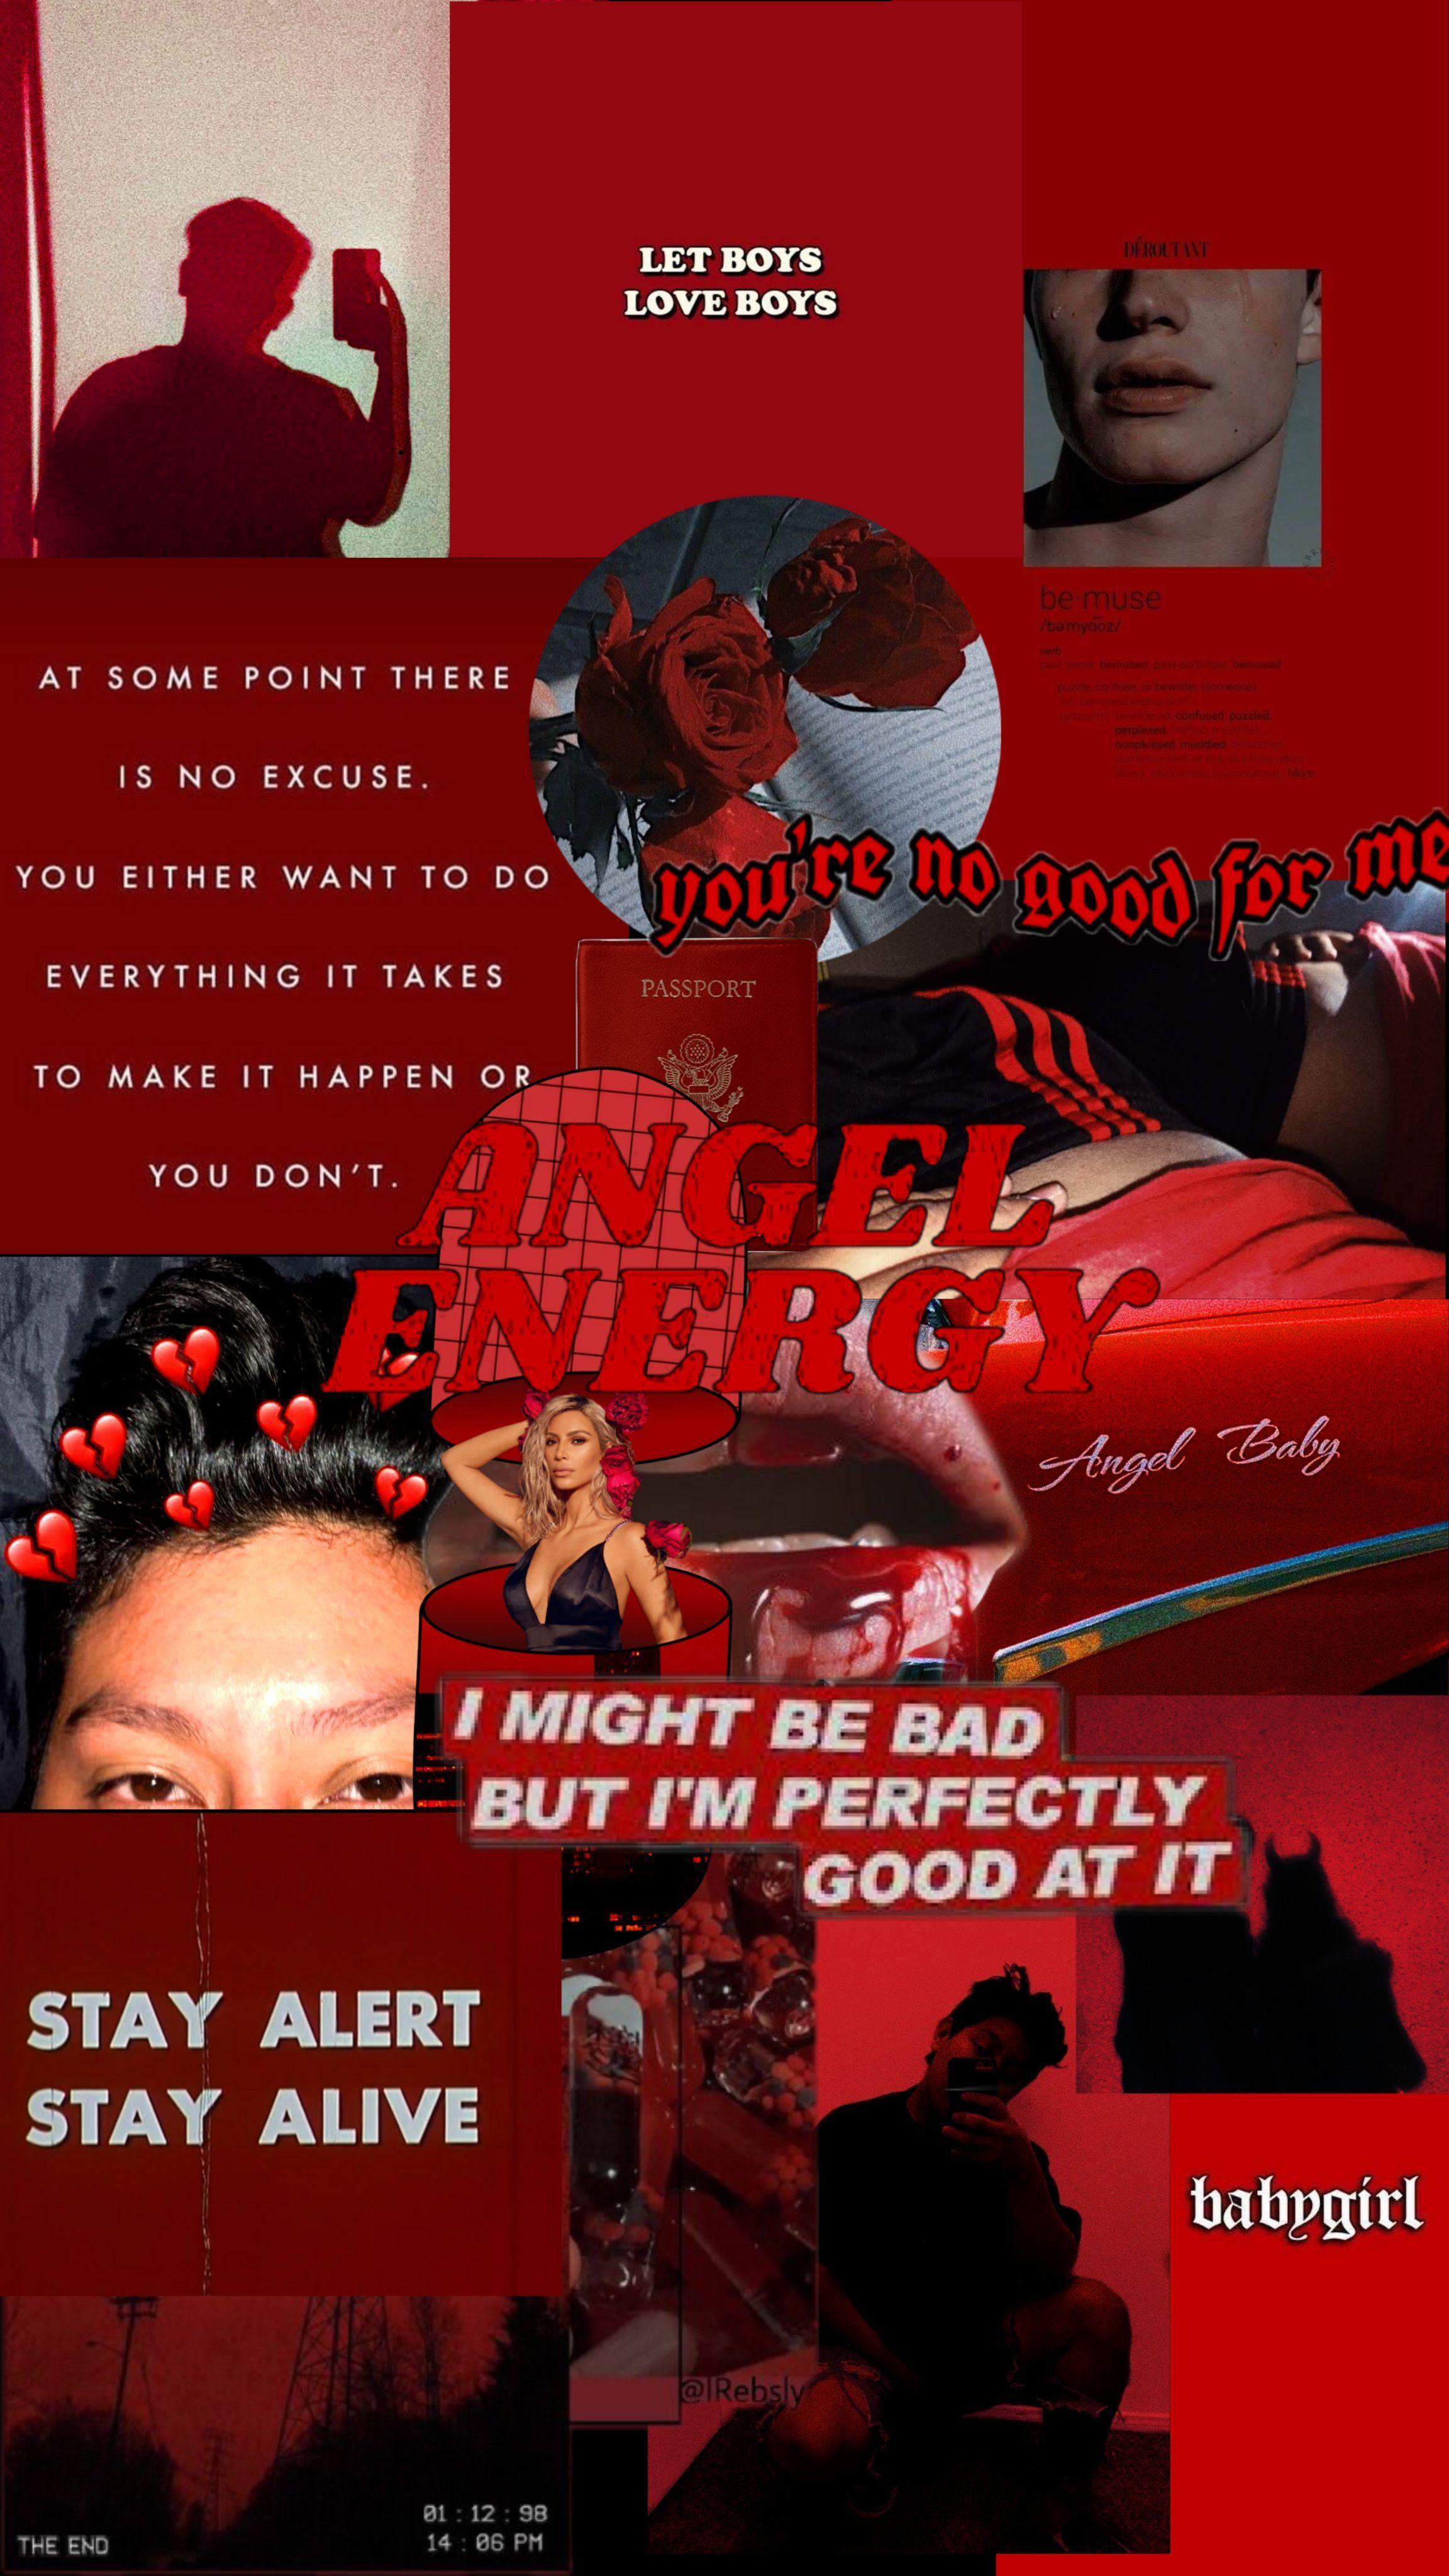 2304x4096 Màu đỏ thẩm mỹ.  Thẩm mỹ màu đỏ, Giấy dán tường màu đỏ, Tường cắt dán hình ảnh